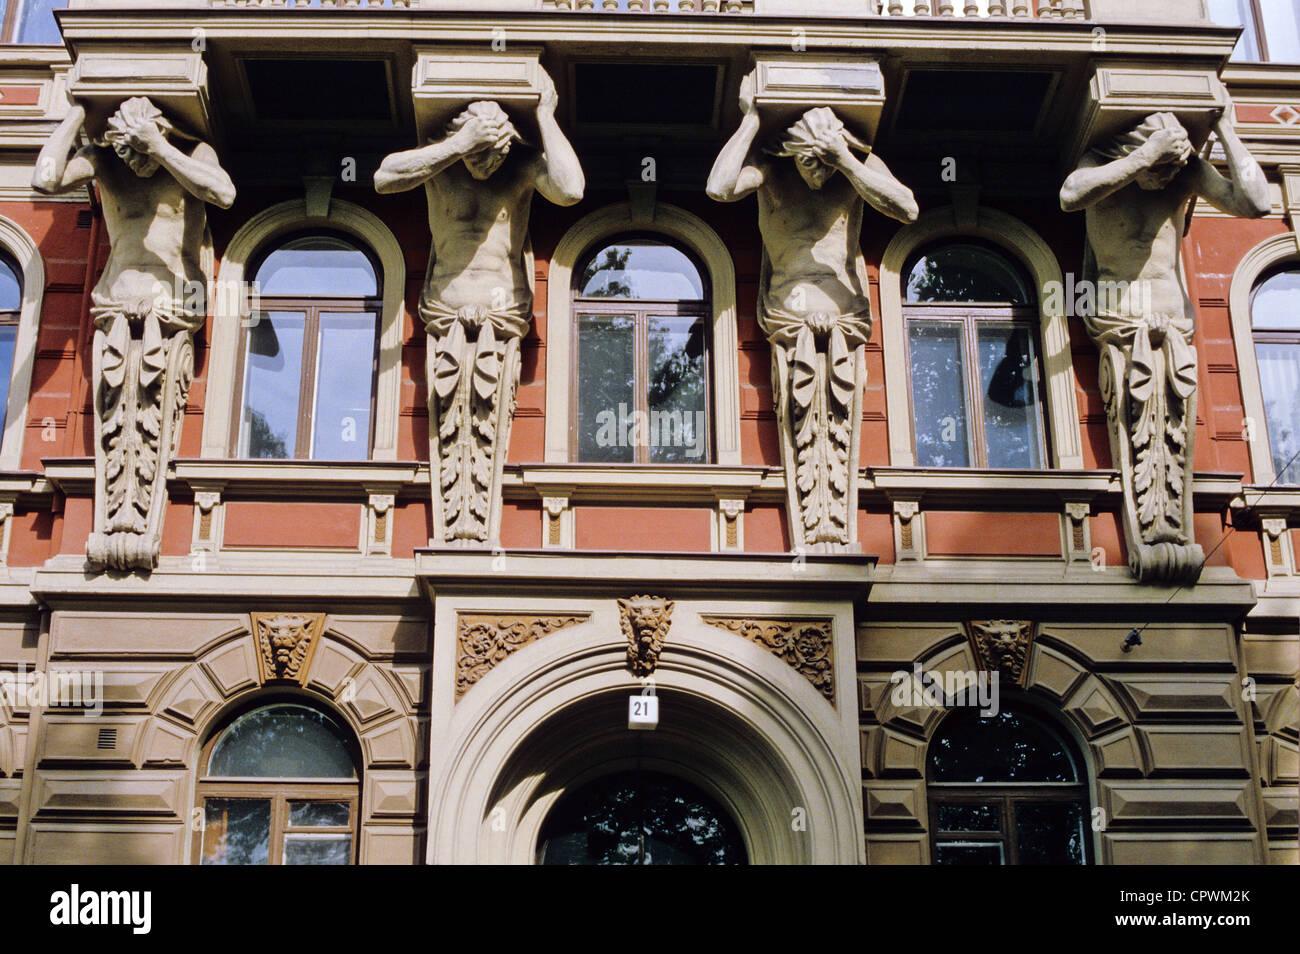 Atlanti scolpiti come scultura architettonica in un edificio storico a Högbergsgatan 21, a Helsinki in Finlandia Immagini Stock